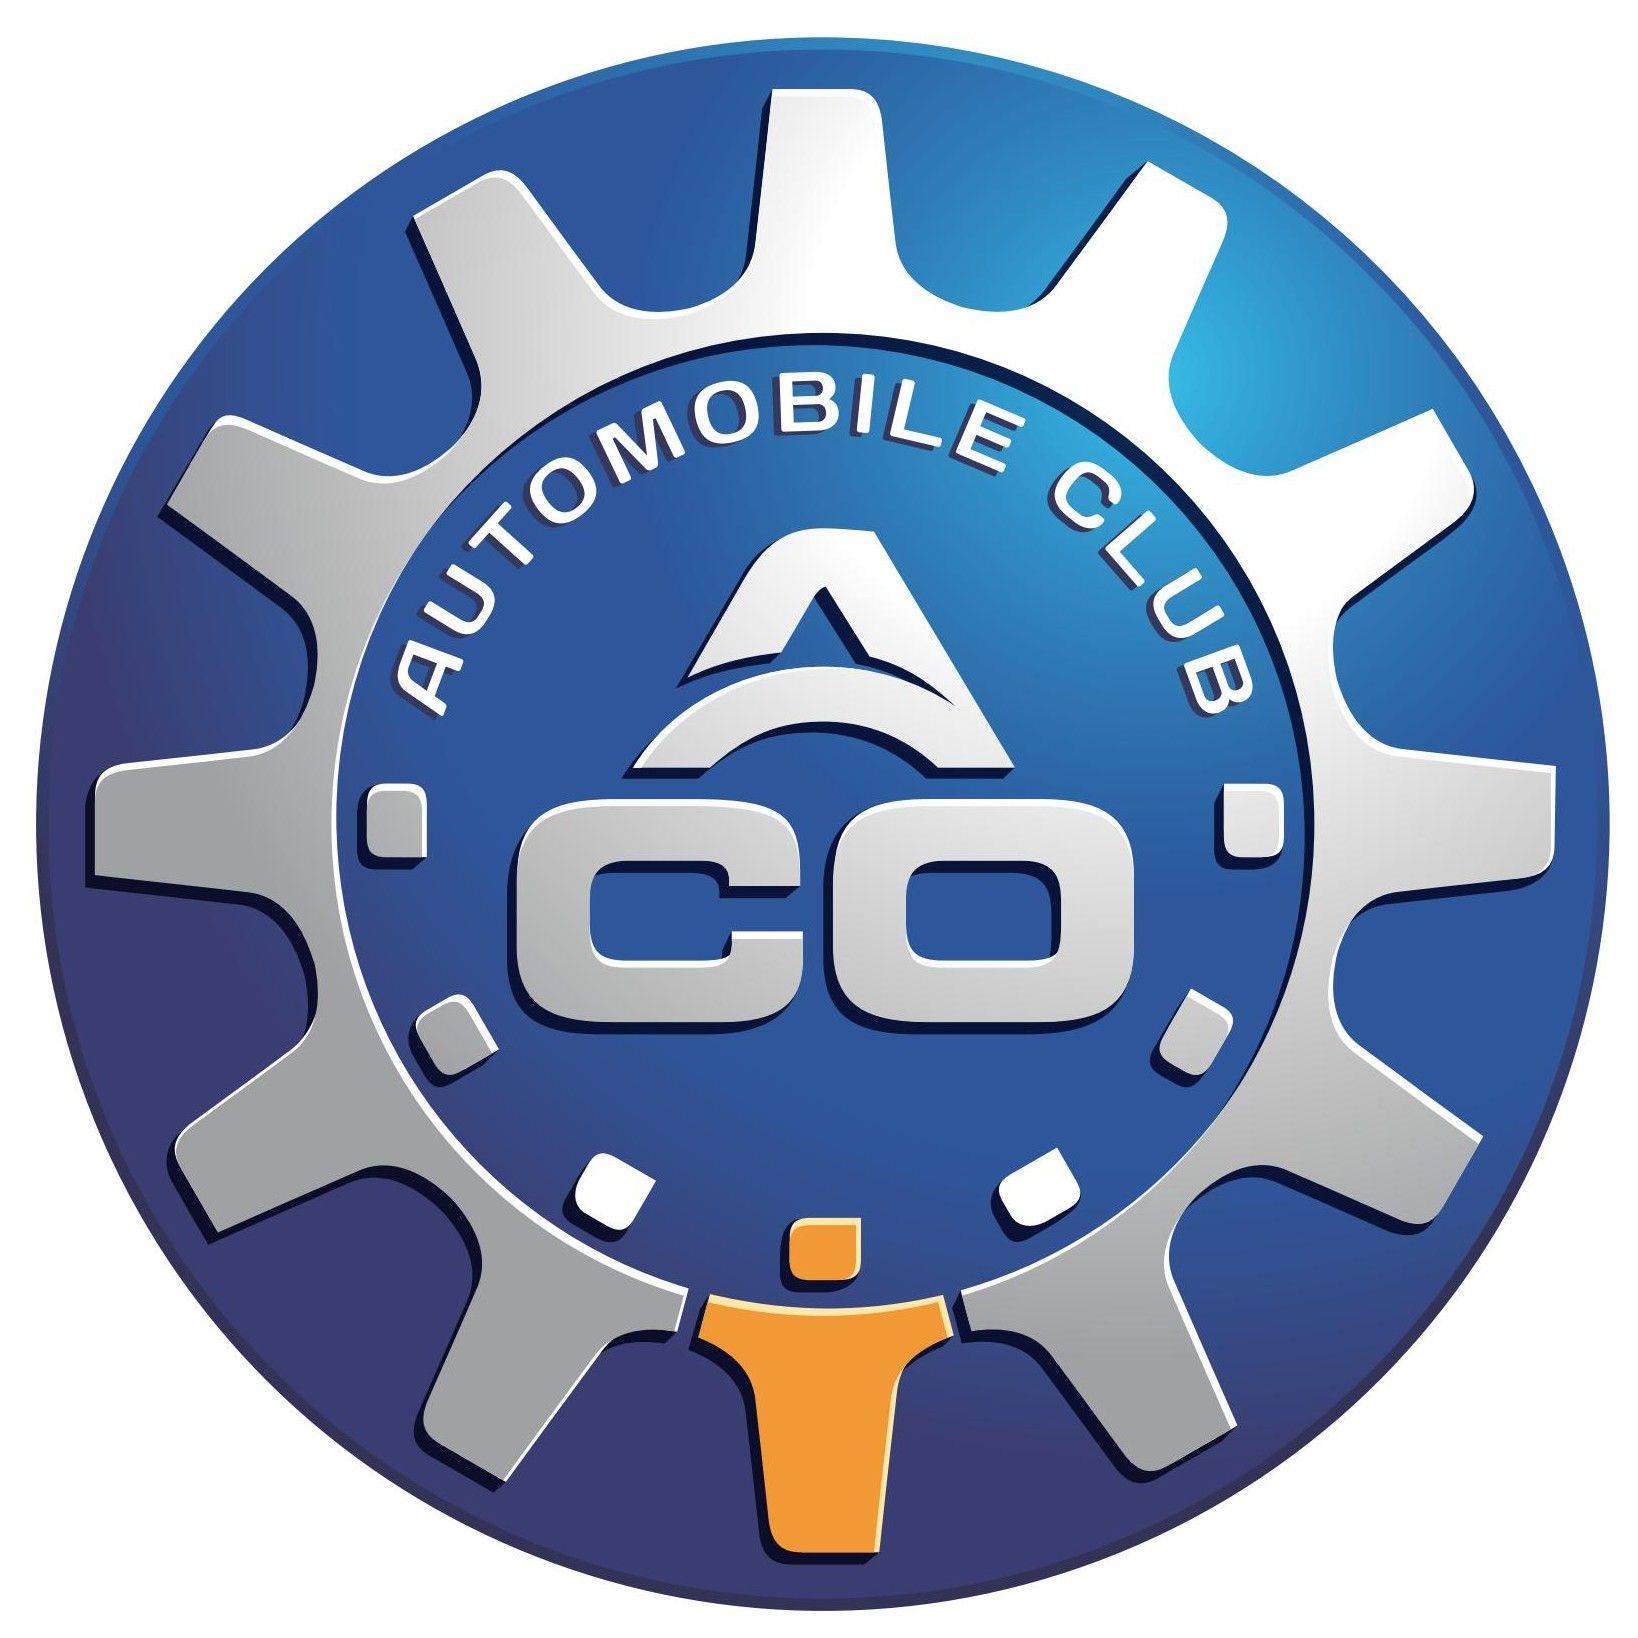 Aco Automobile Club De L Ouest Logo Eps File Aco Auto Sport Motor Automobile Club De L Ouest Automobile Club Of Car Club Motorcycle Logo Car Clubs Logo